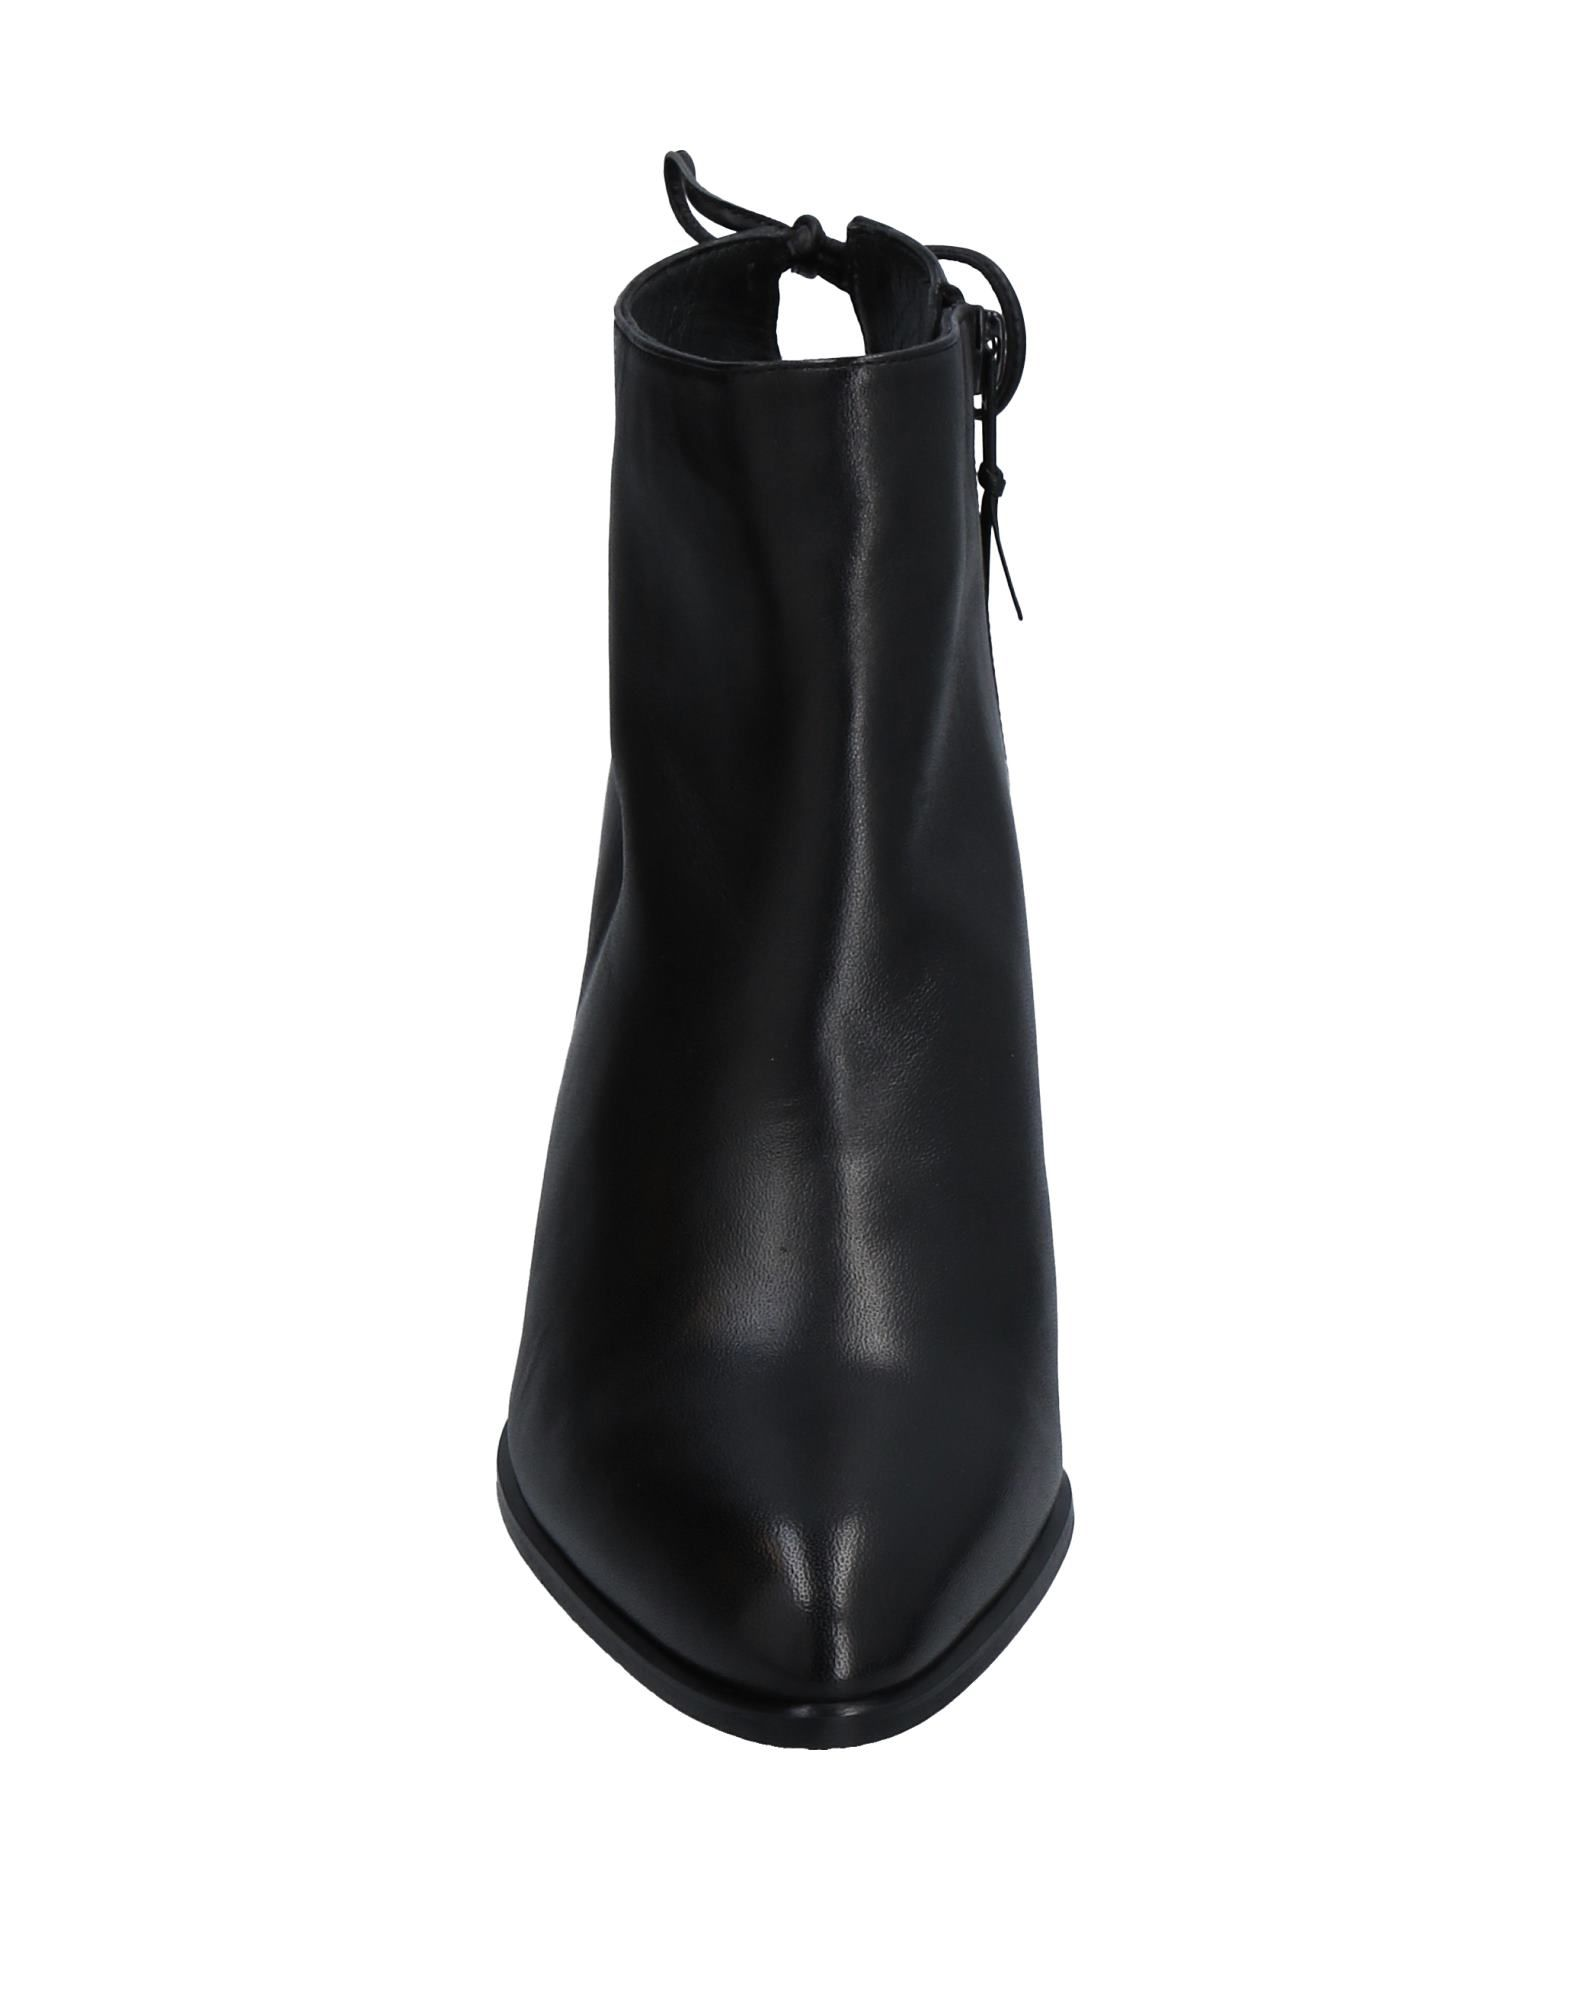 Stuart Weitzman Stiefelette Schuhe Damen  11519217IAGünstige gut aussehende Schuhe Stiefelette 4e77c9